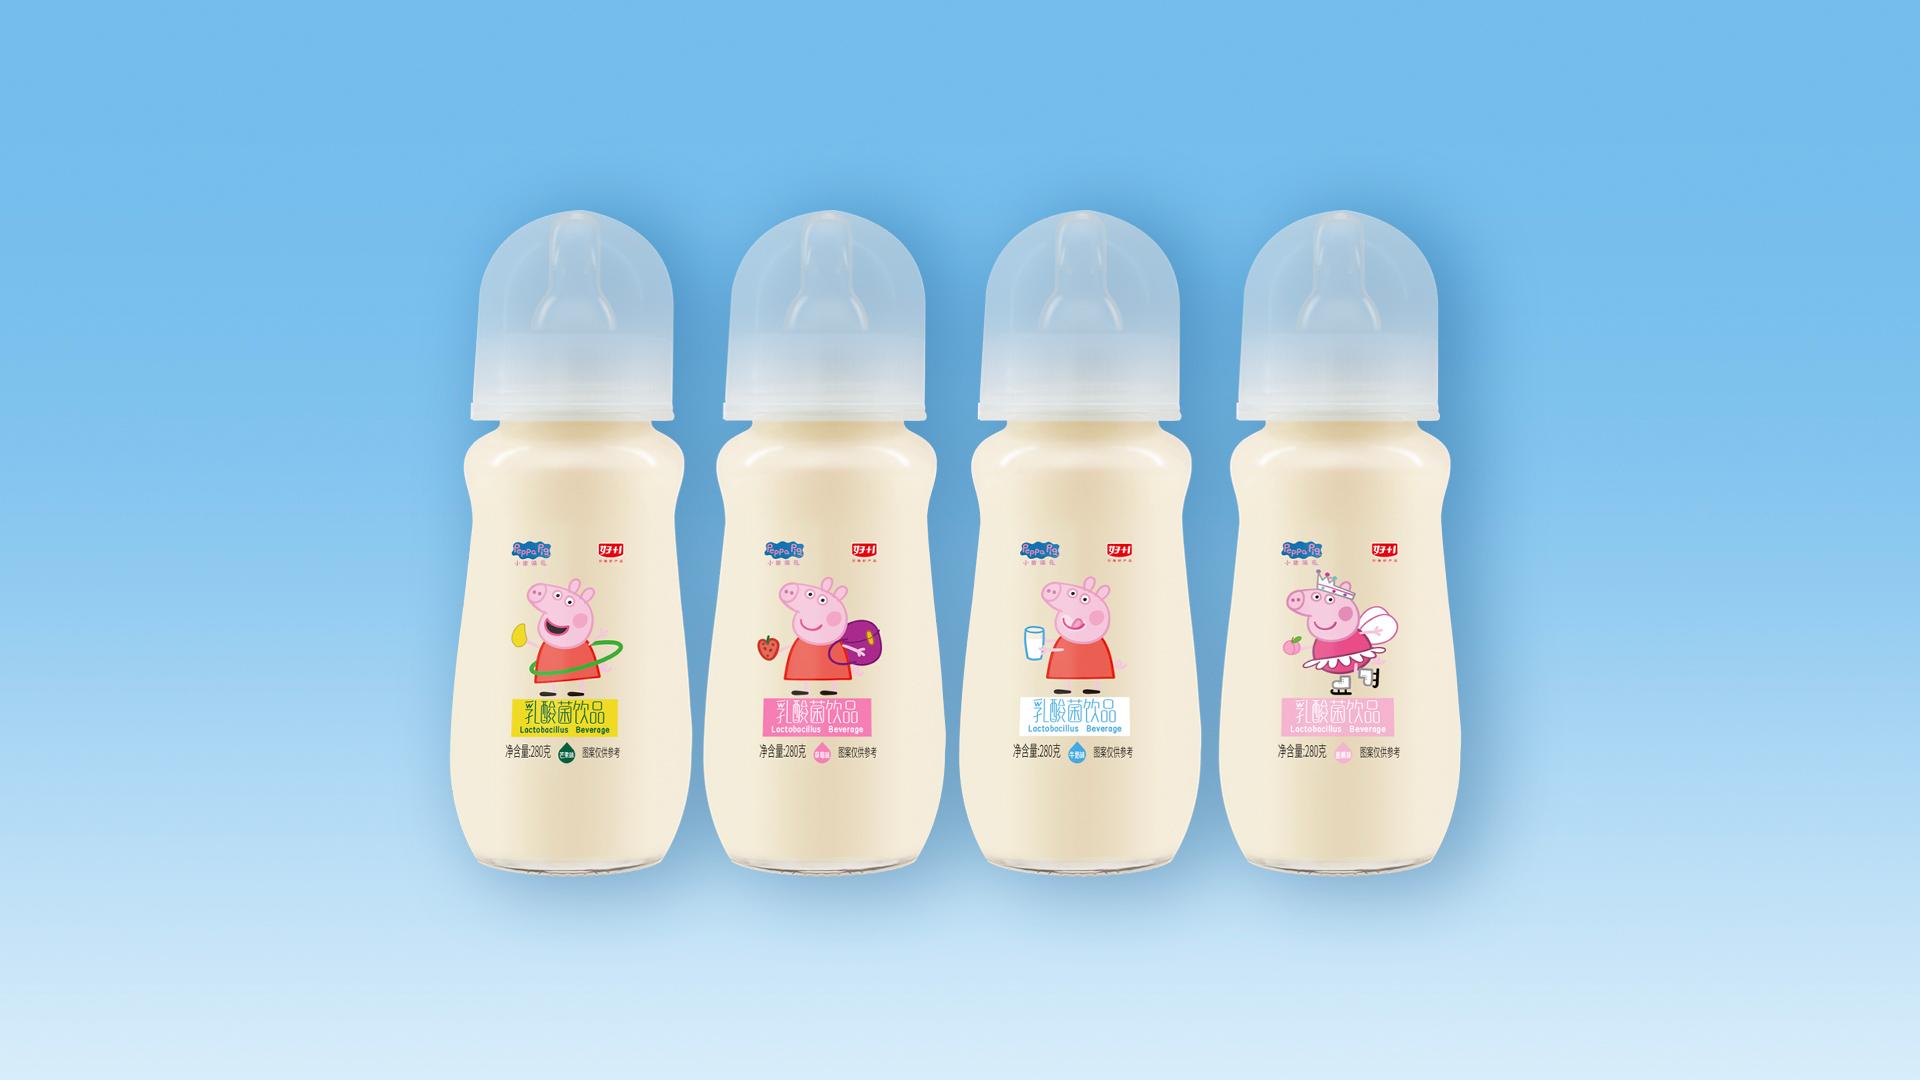 乳酸菌玻璃瓶奶嘴装